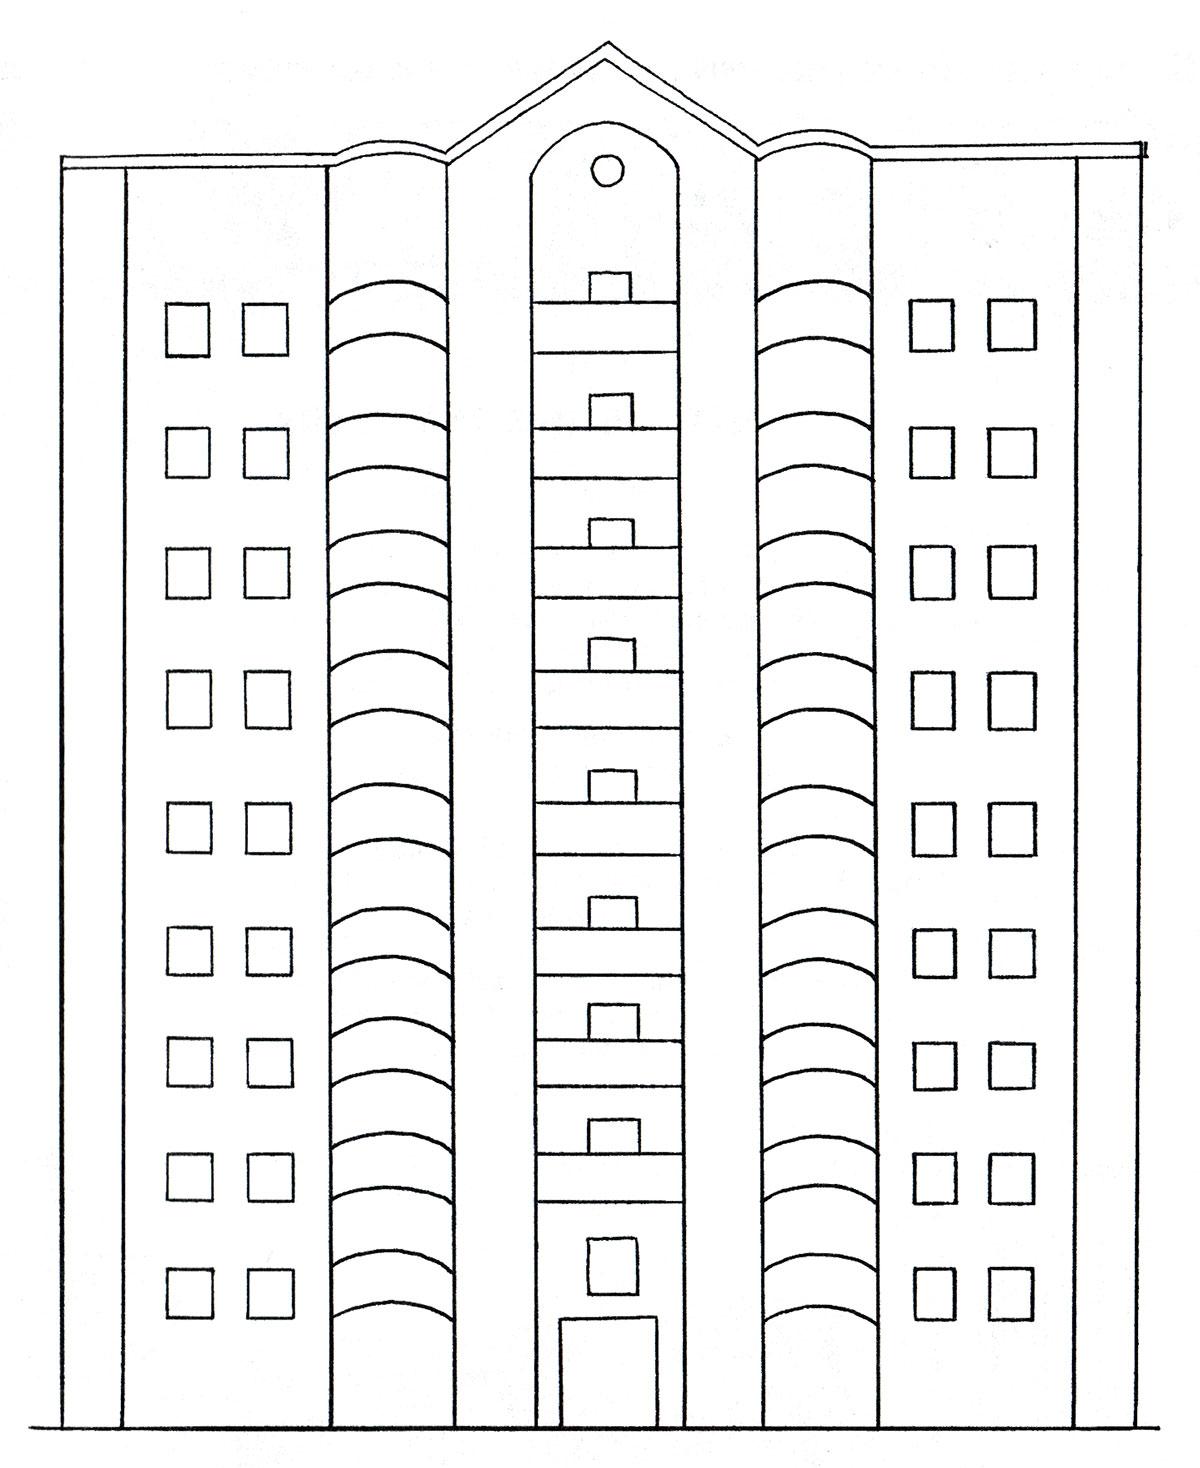 Картинки трехэтажного дома для раскрашивания